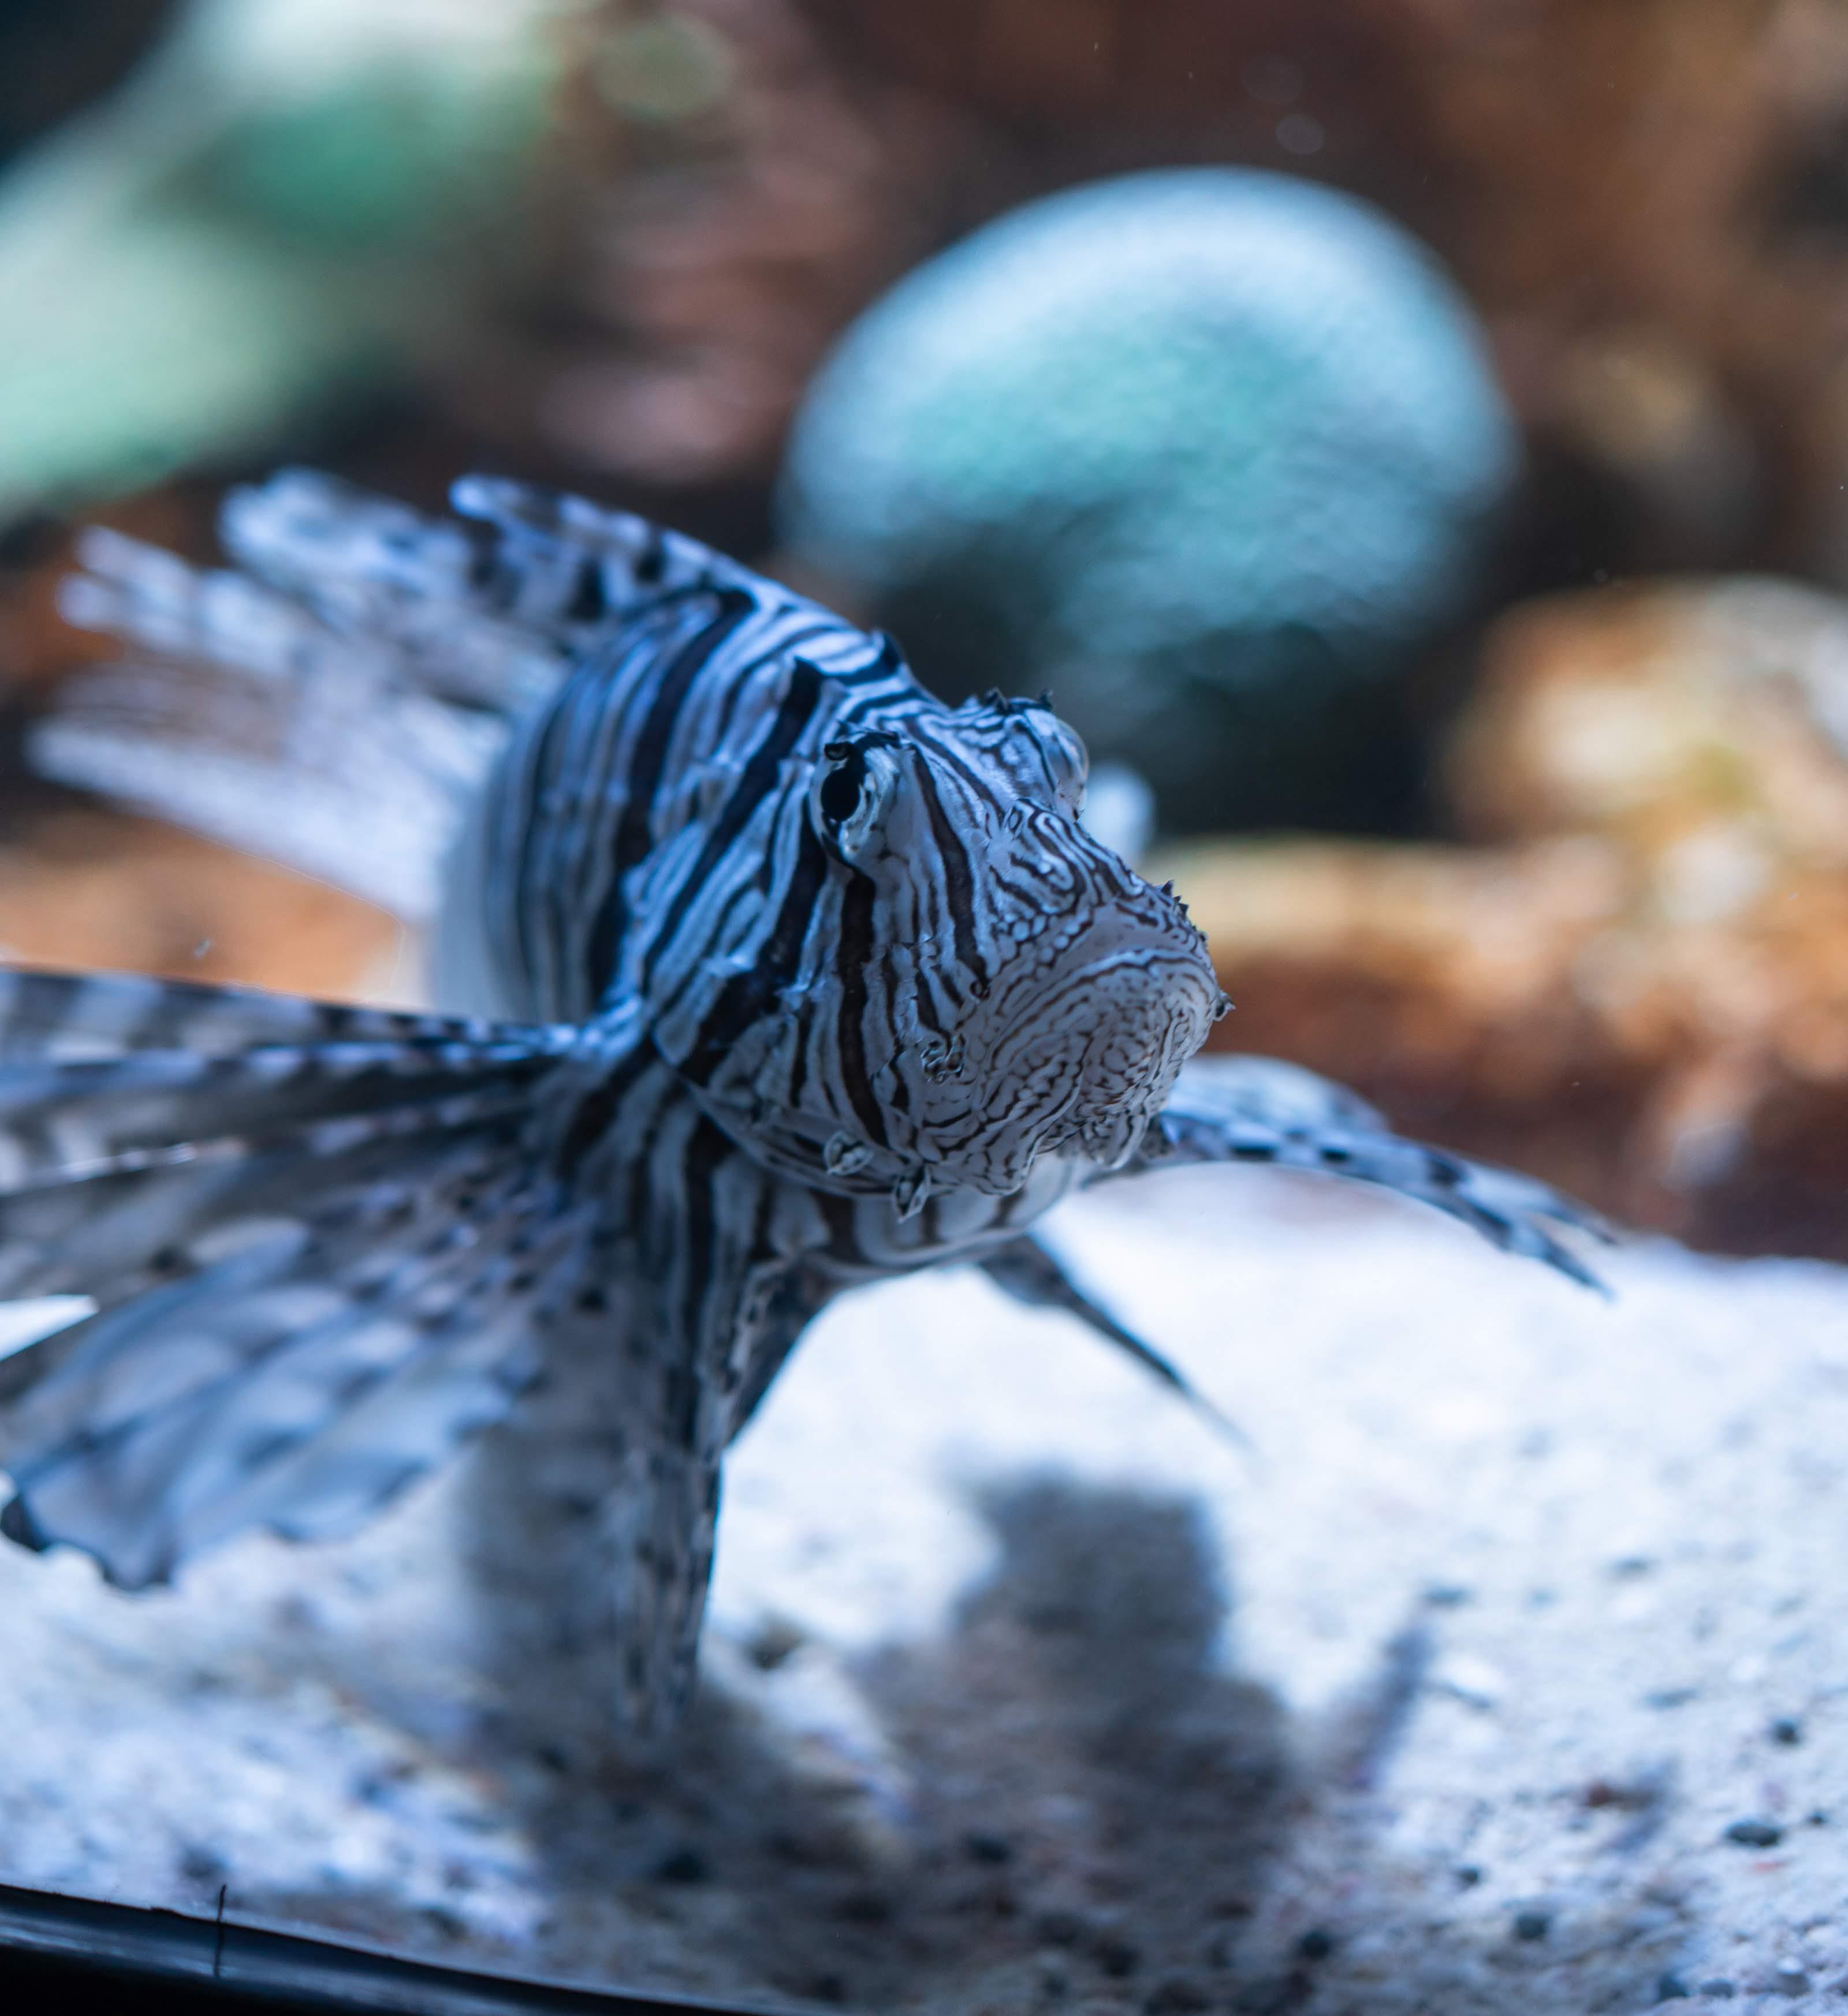 Kostenloses Stock Foto zu aquarium, fisch, grosser fisch, tiefenschärfe